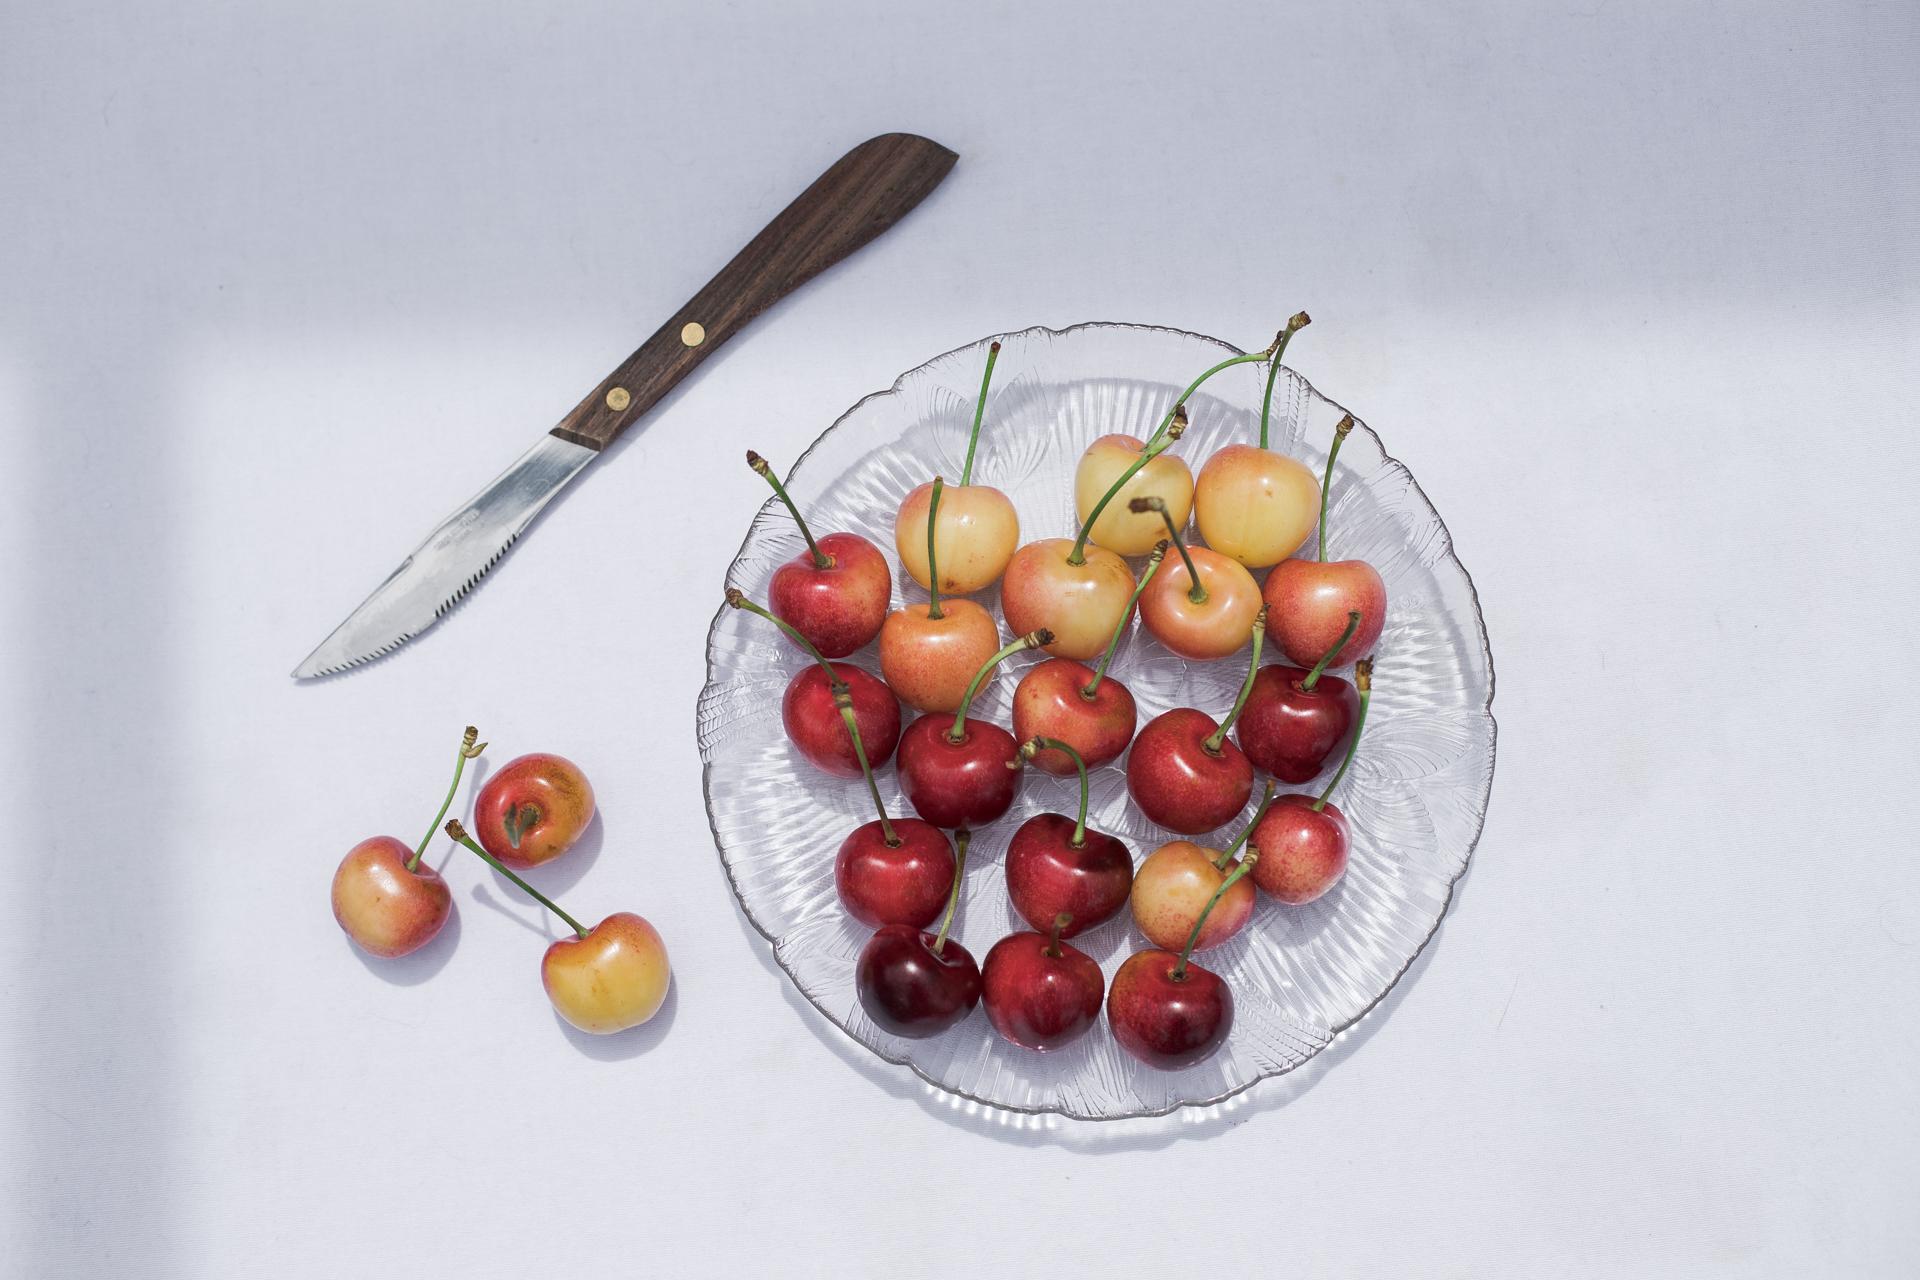 Starletta cherries 2018 (37 of 185).JPG